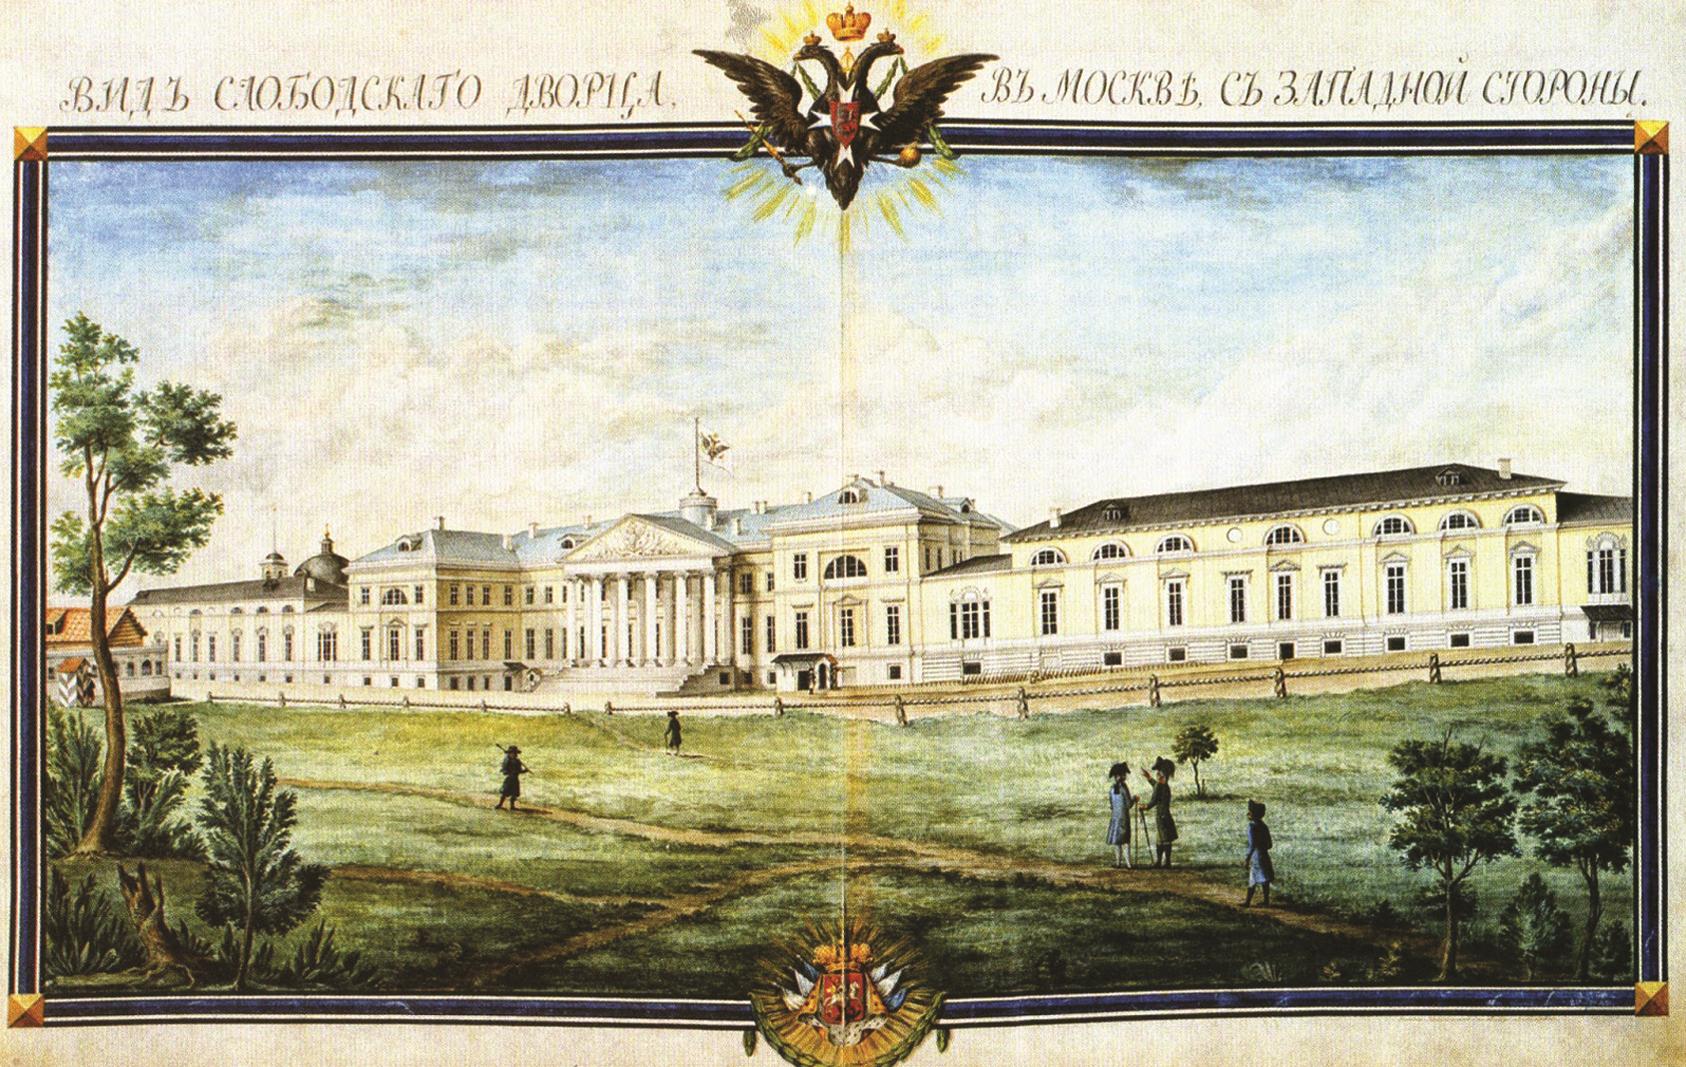 Слободской дворец. 1812 год